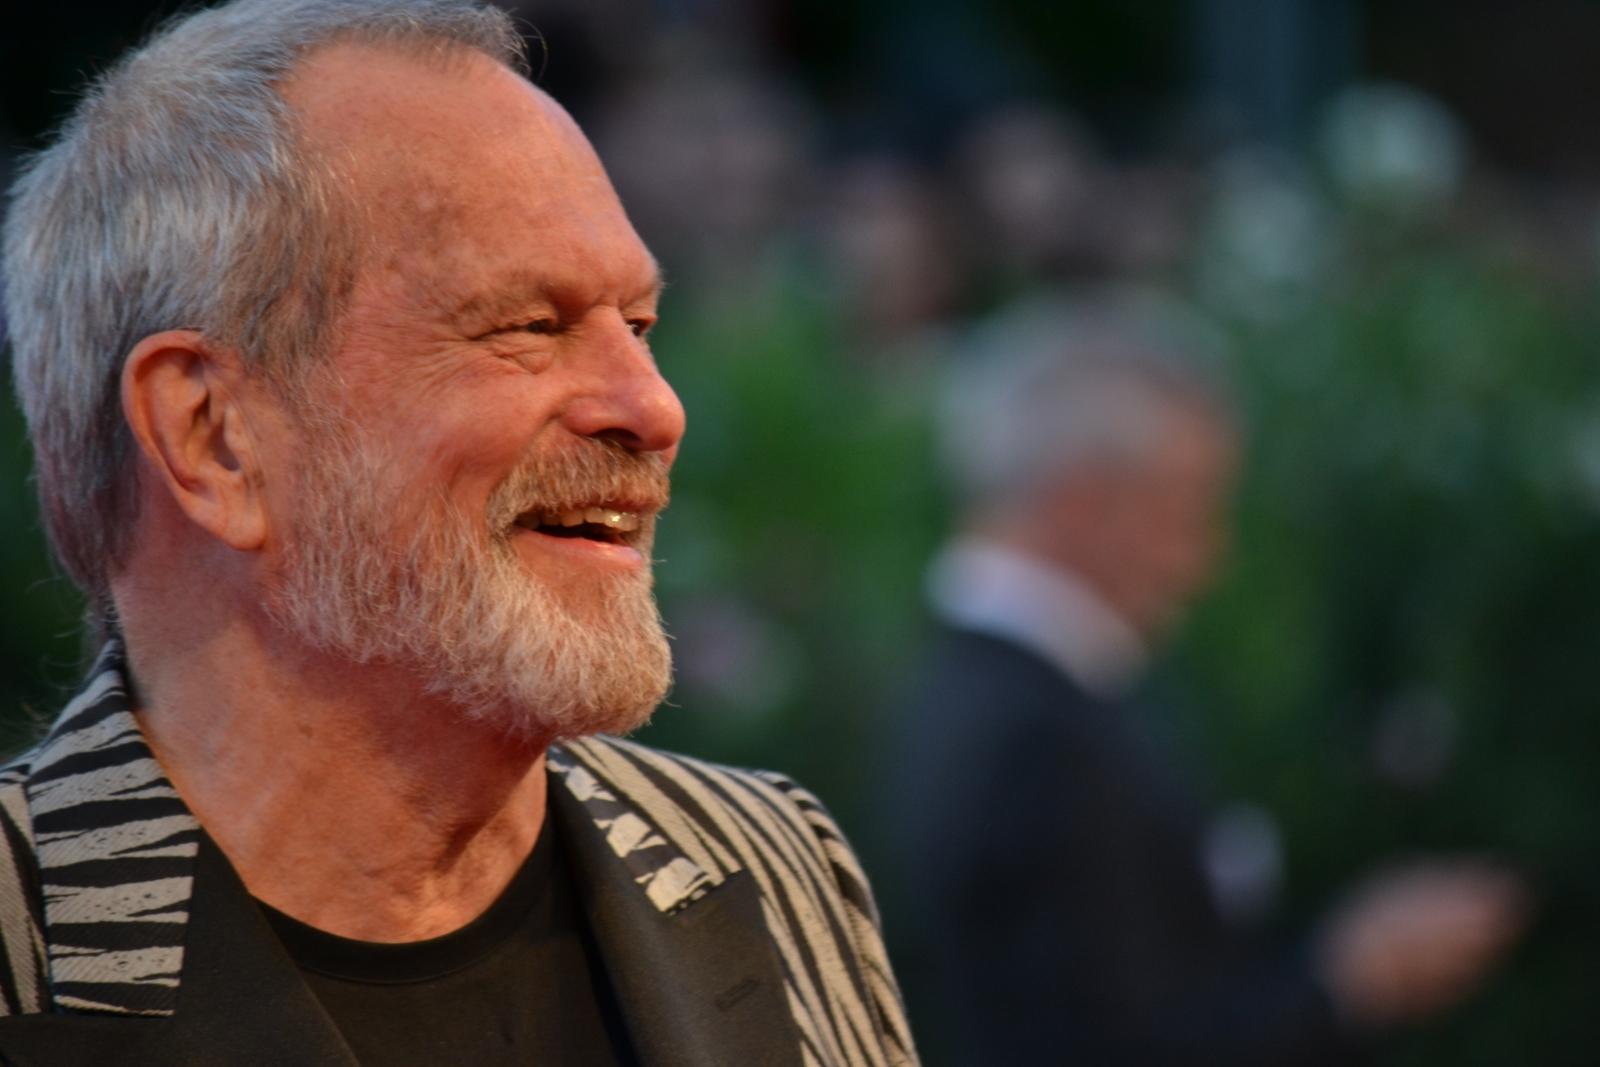 Venezia 2015: Terry Gilliam sorridente sul red carpet di A Bigger Splash